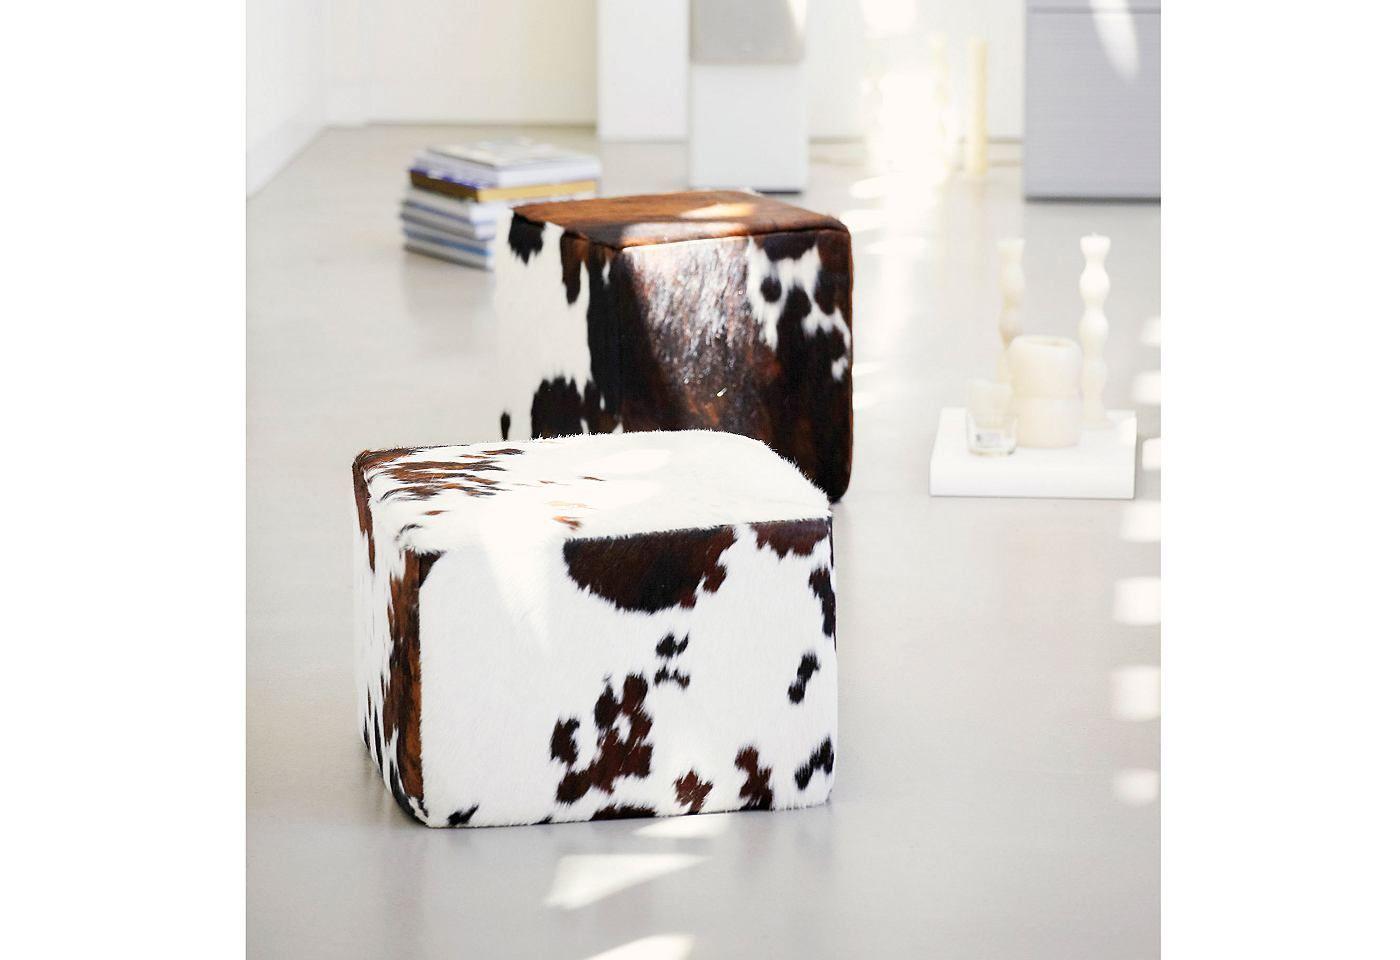 Der etwas andere, besondere Sitzhocker aus echtem eingefärbten Kuhfell kann auch als Beistelltisch genutzt werden. Ein ausgefallenes Designmöbel für ganz unterschiedliche Einsatzbereiche. Hinweis: Echtes Kuhfell ist ein Naturprodukt und jedes Modell kann in der Musterung anders ausfallen. Der Bezug ist echtes, gefärbtes Kuhfell und die Füllung dieses ausgefallenen Hockers ist ein Styroporkern...